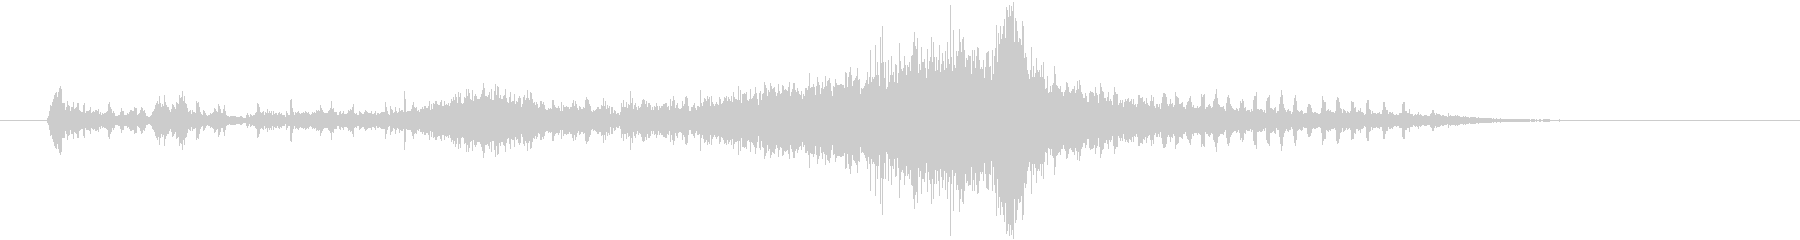 自然の音と電子音が融合したサウンドロゴの未再生の波形